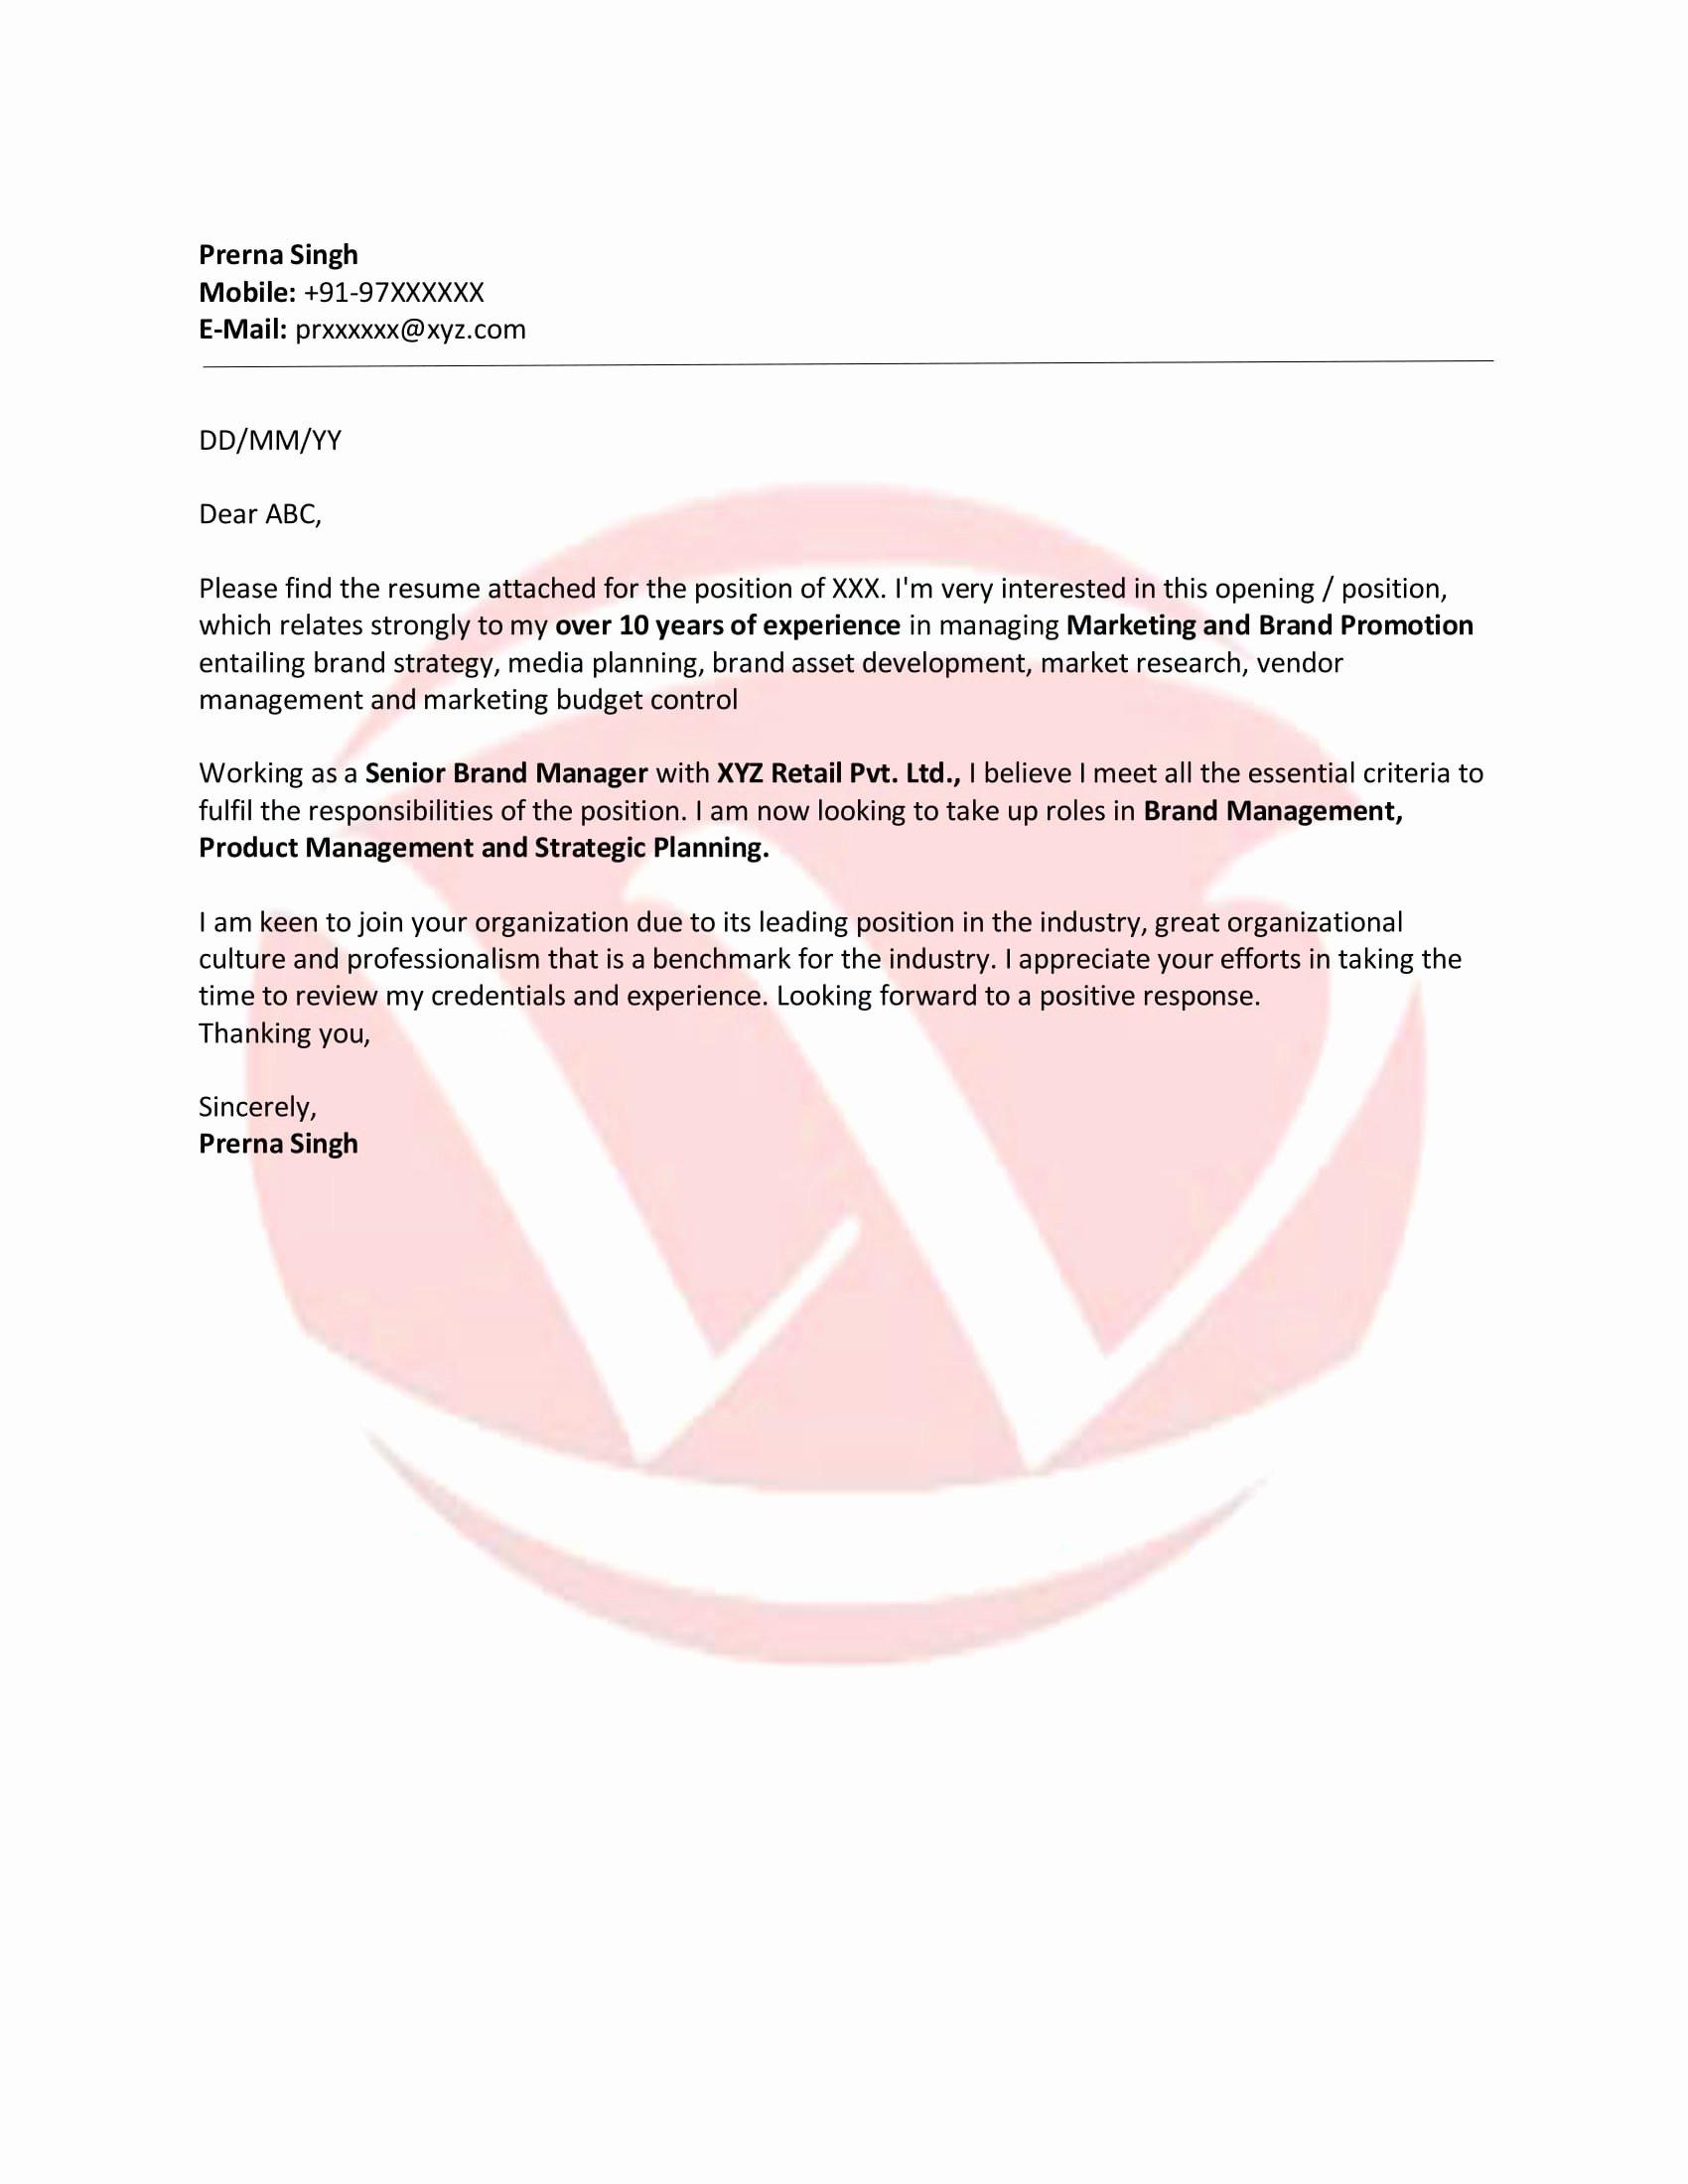 Applying for Job Letter Unique Job Application Sample Letter format Download Letter